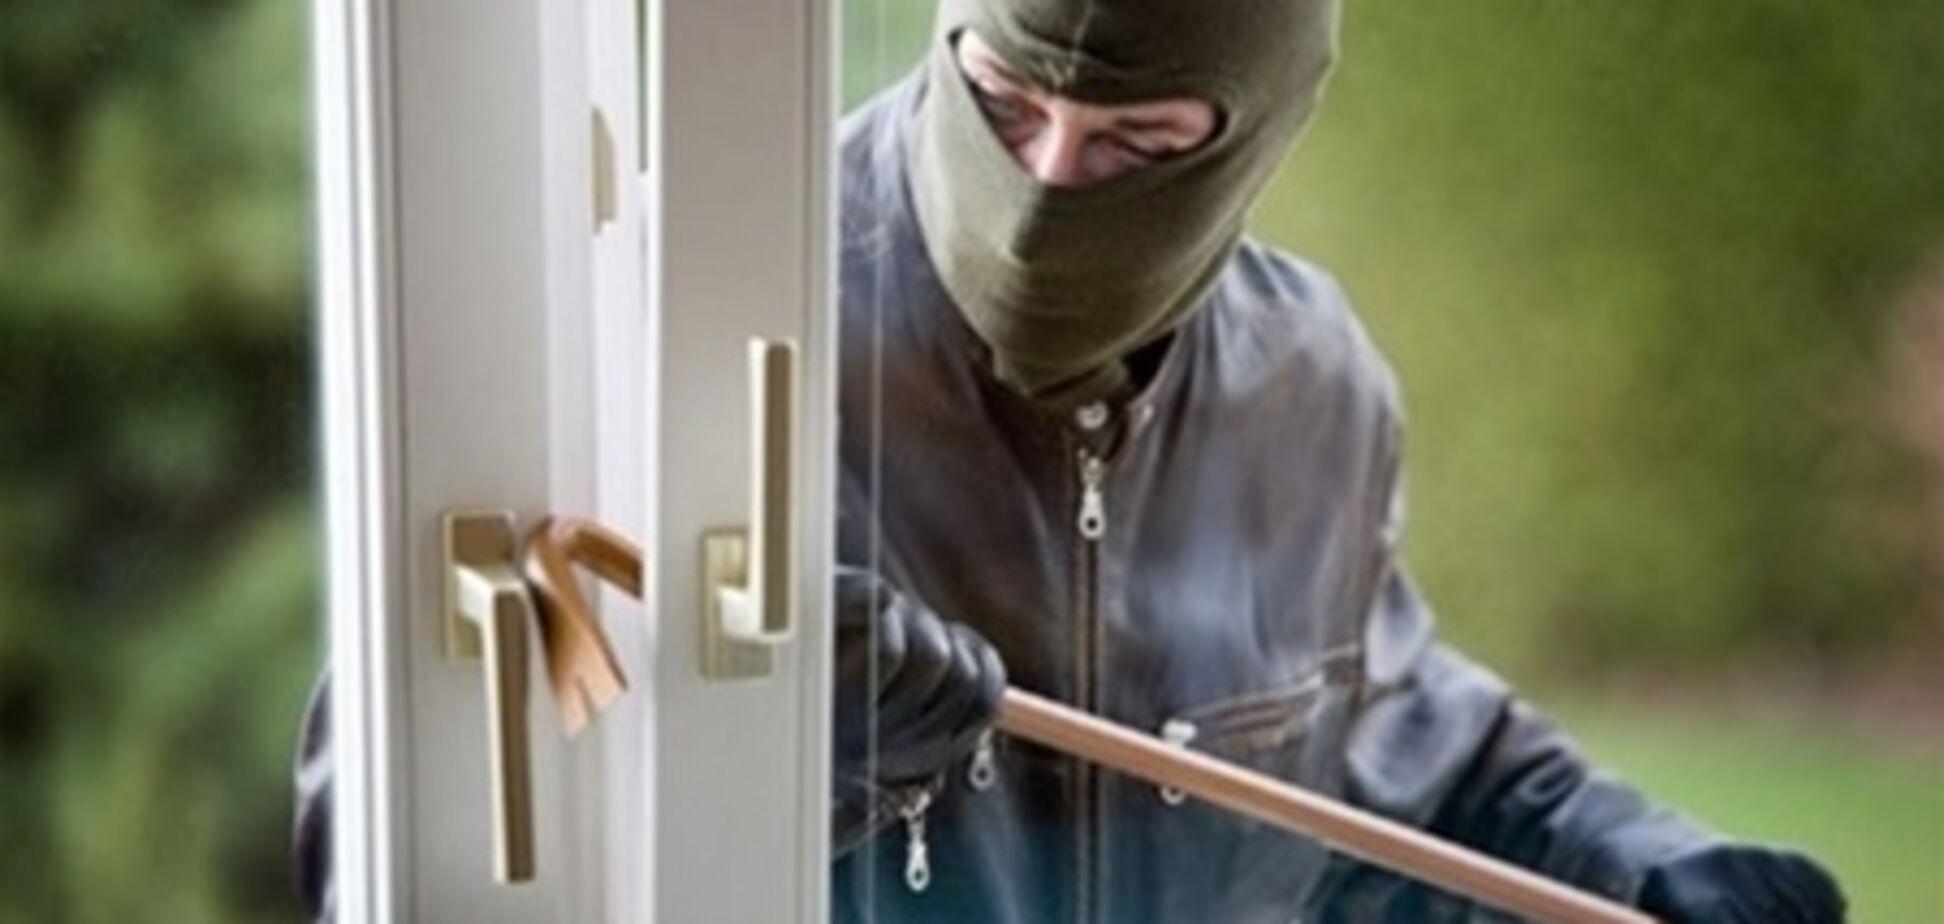 Как не пустить грабителей в квартиру